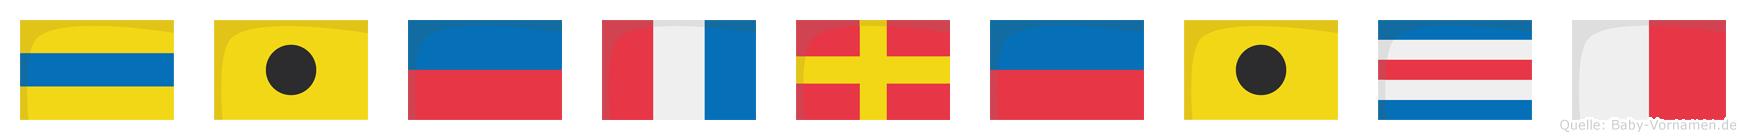 Dietreich im Flaggenalphabet